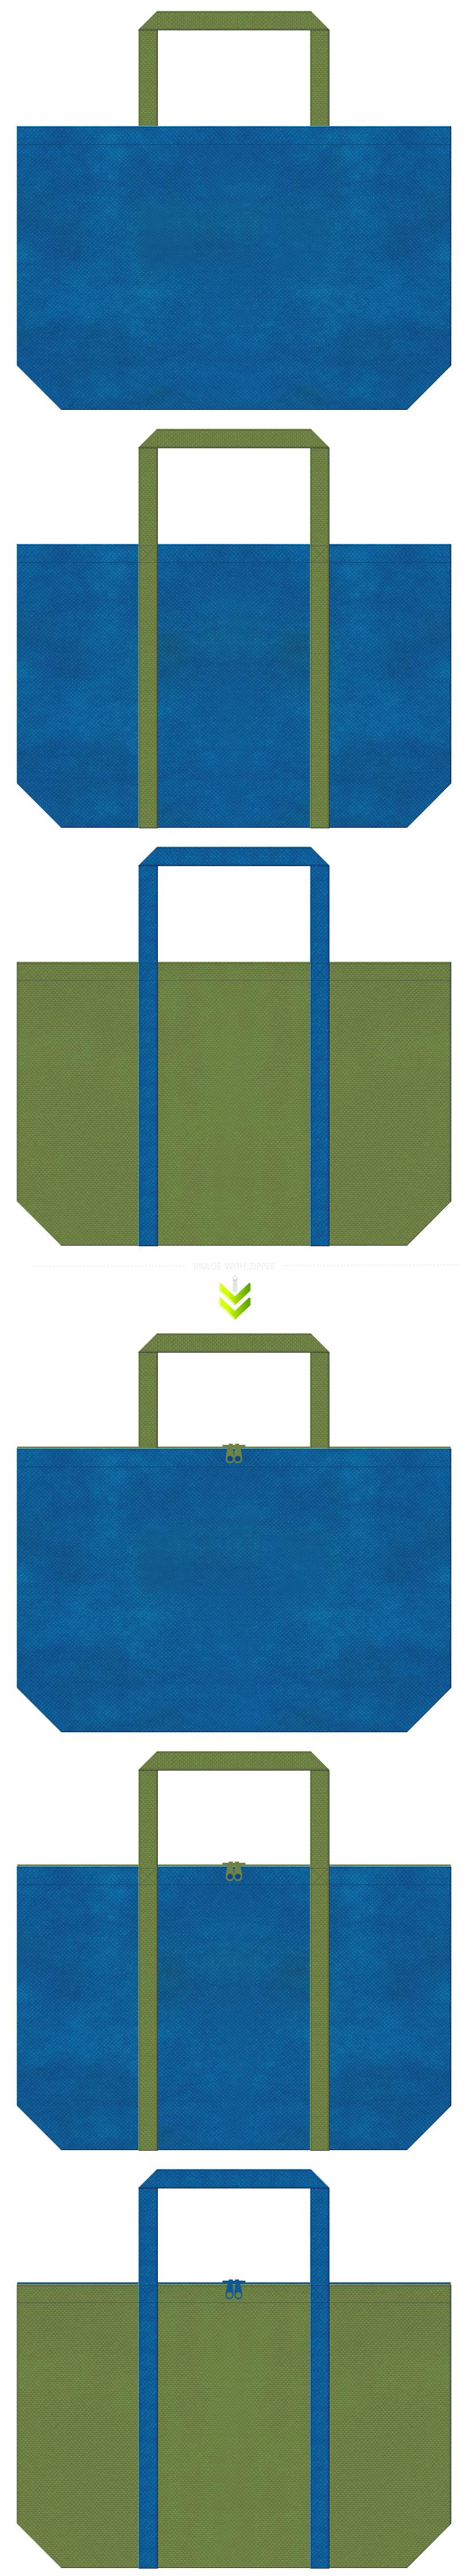 青色と草色の不織布エコバッグのデザイン。